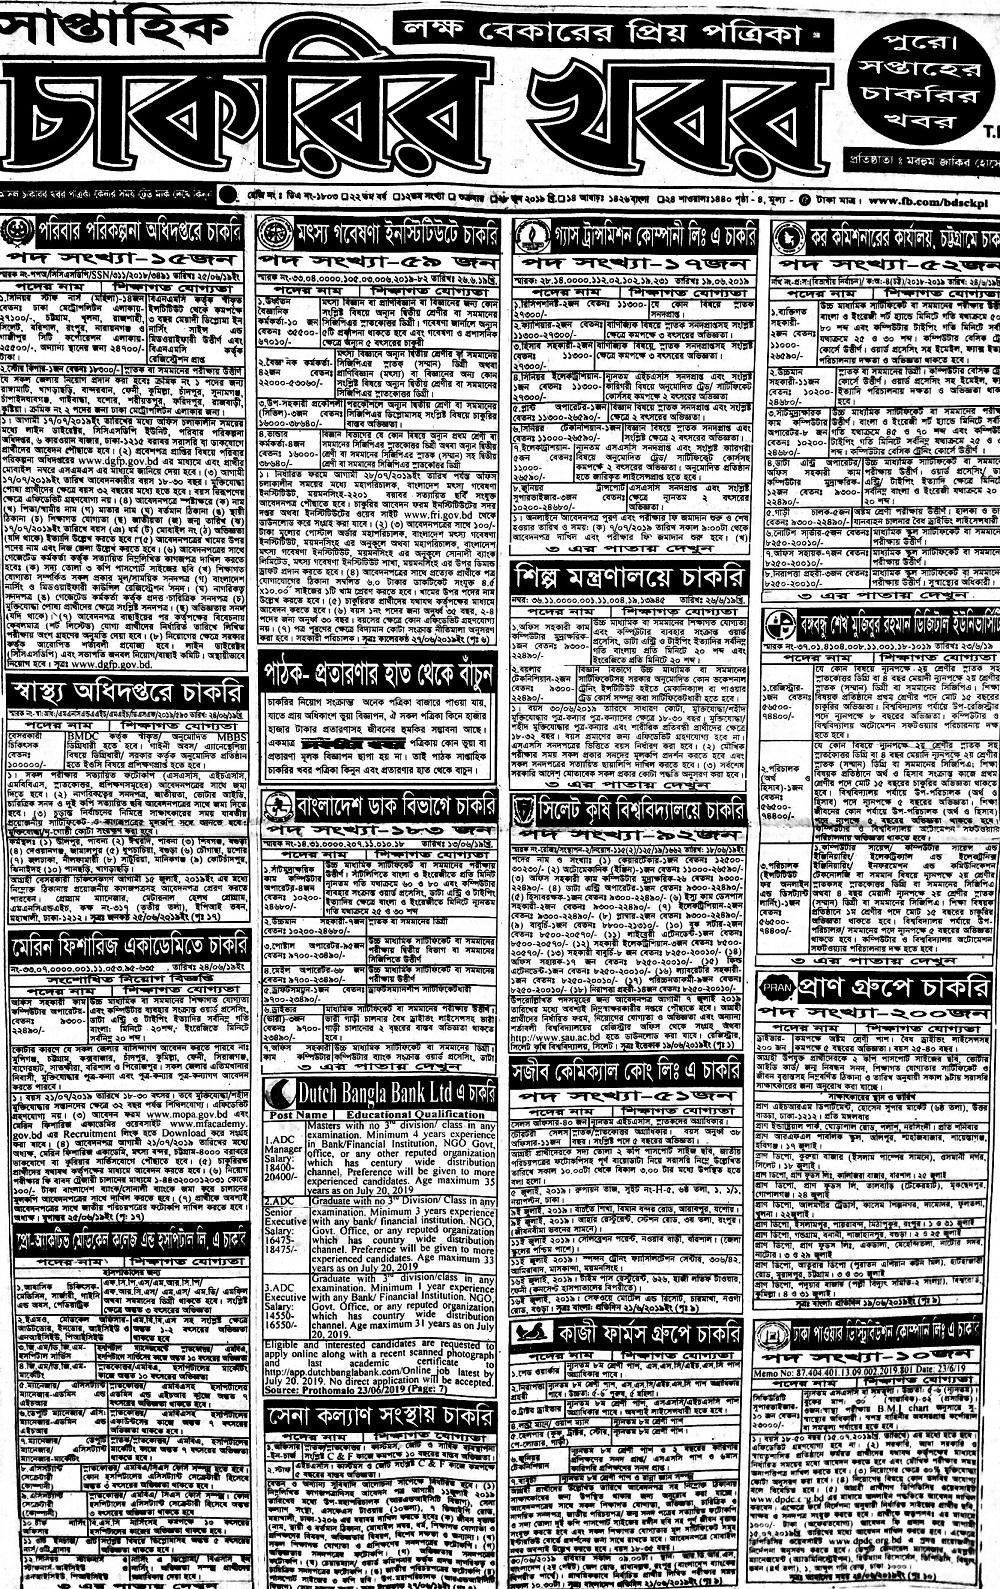 Weekly Jobs Newspaper 05 July 2019